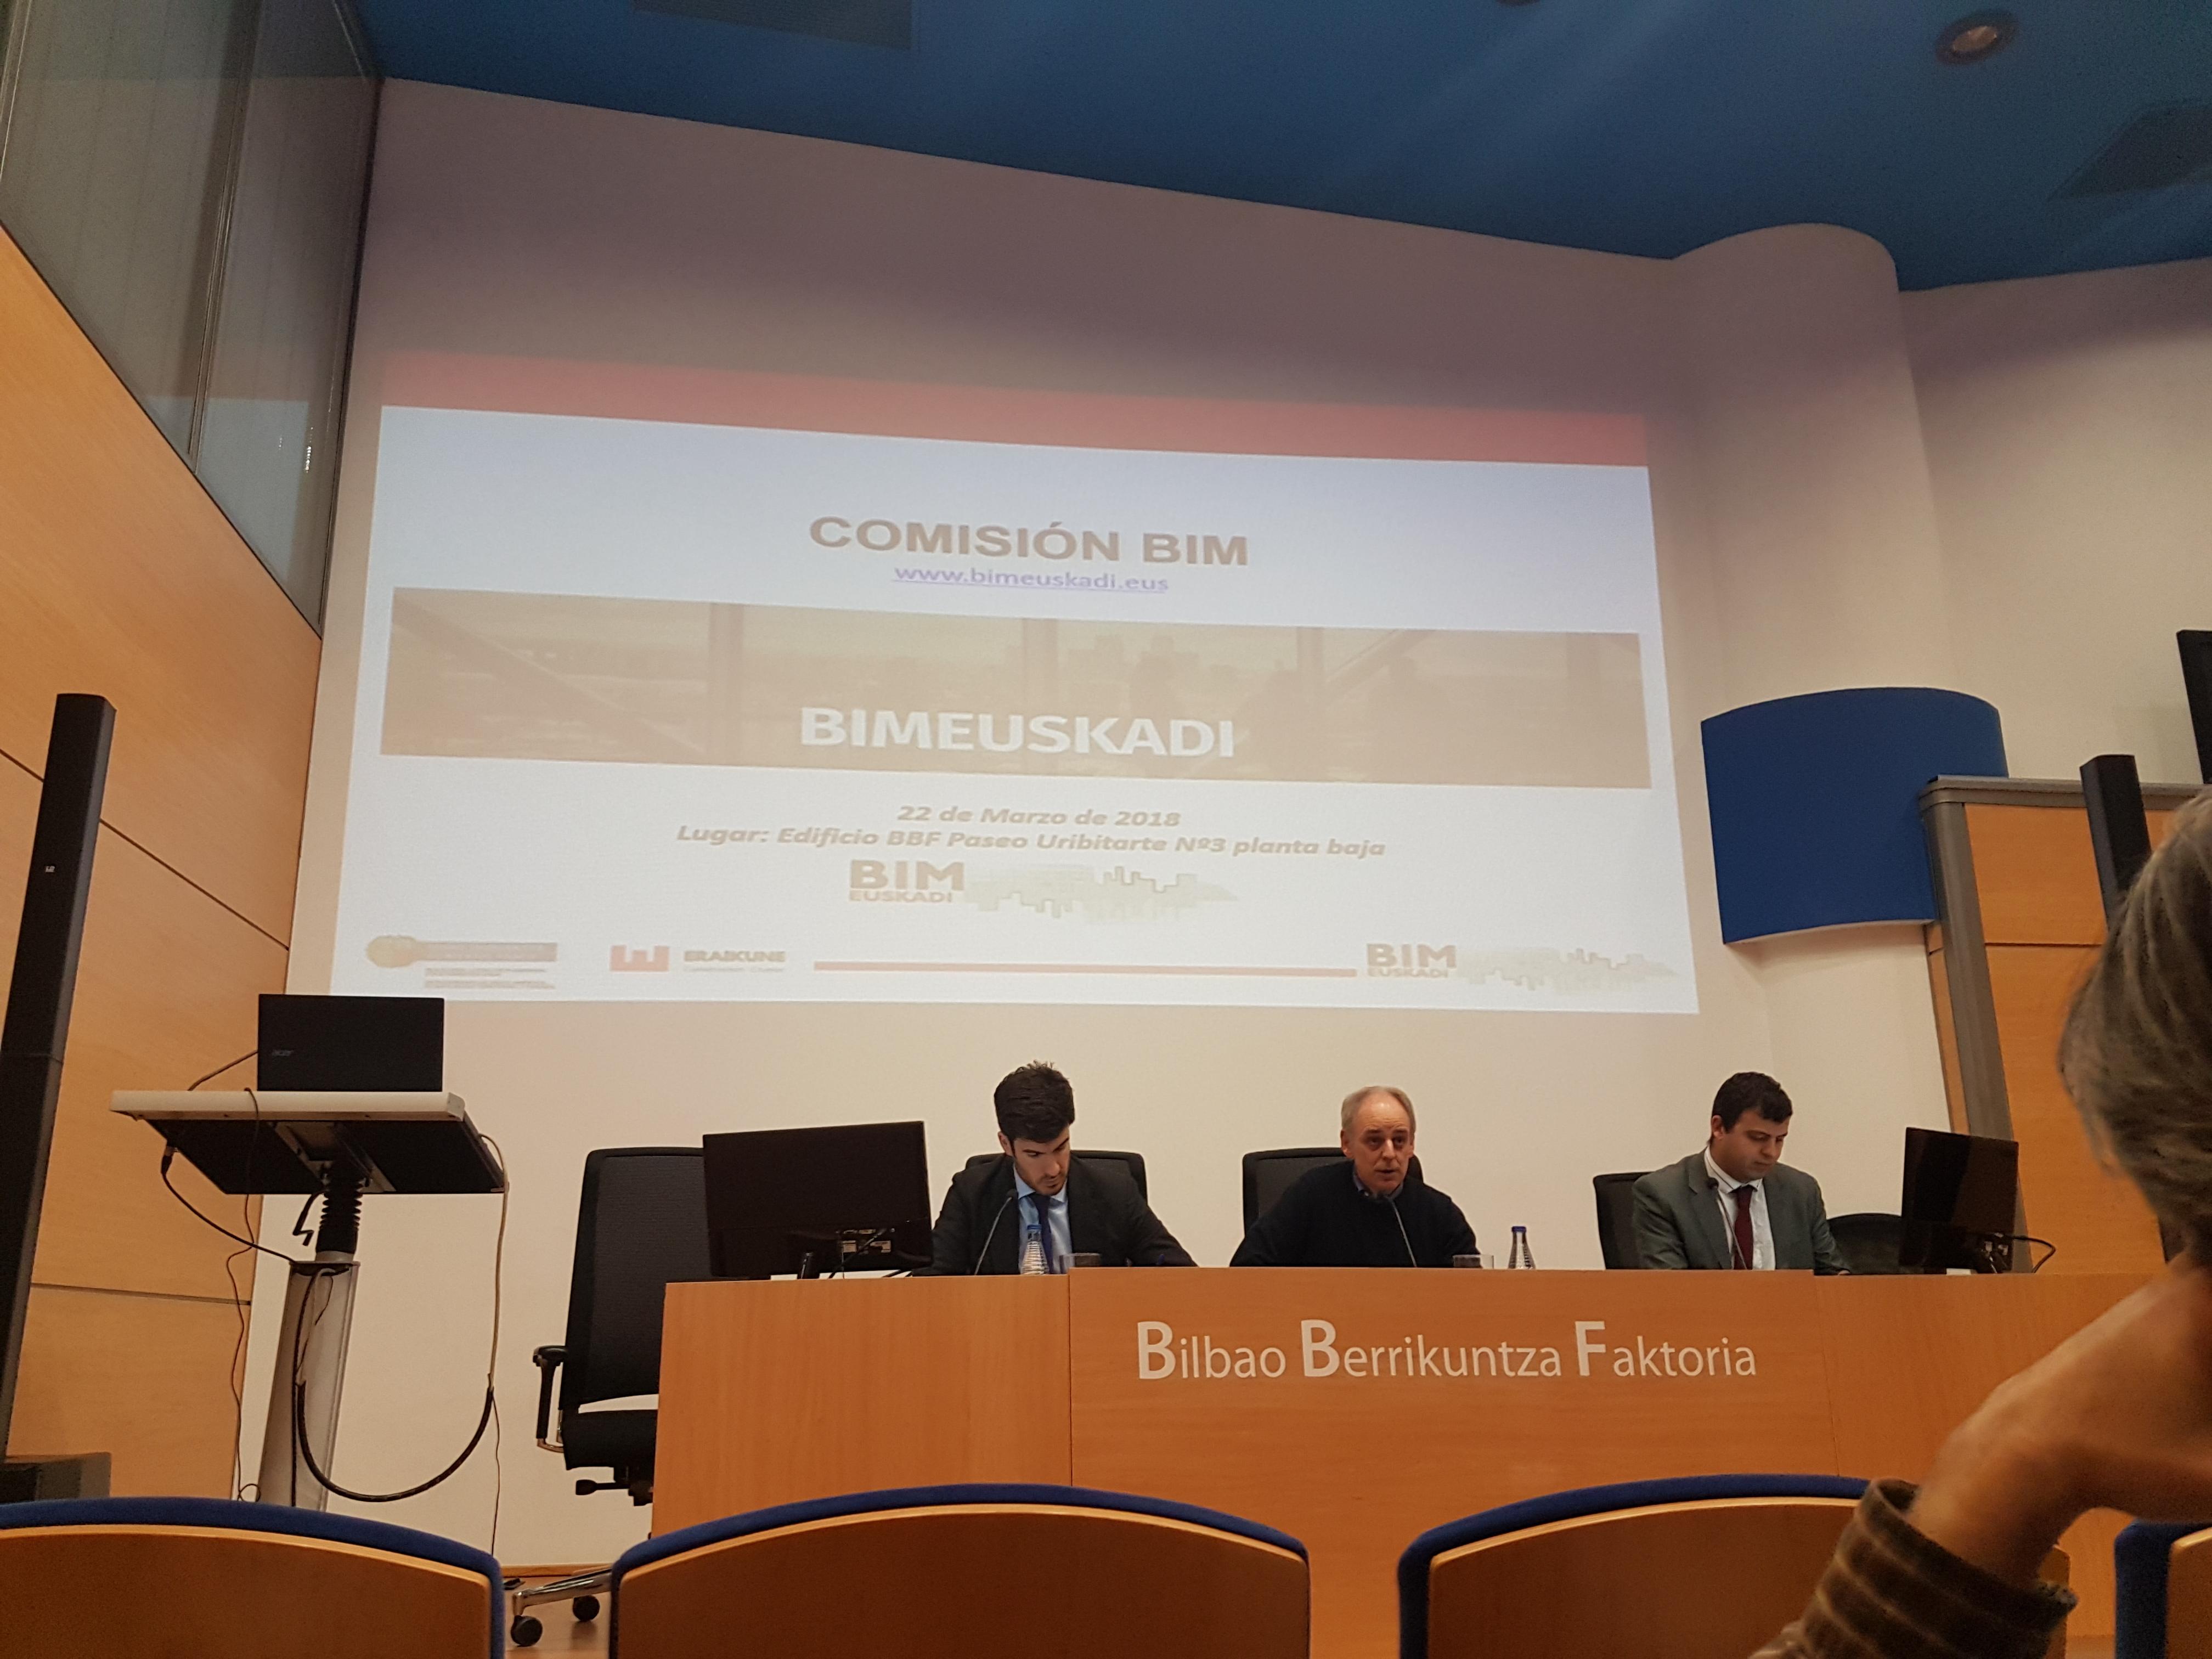 imagen 2 de noticia: participamos-en-la-reunin-de-la-comisin-bimeuskadi-en-la-sede-del-gobierno-vasco